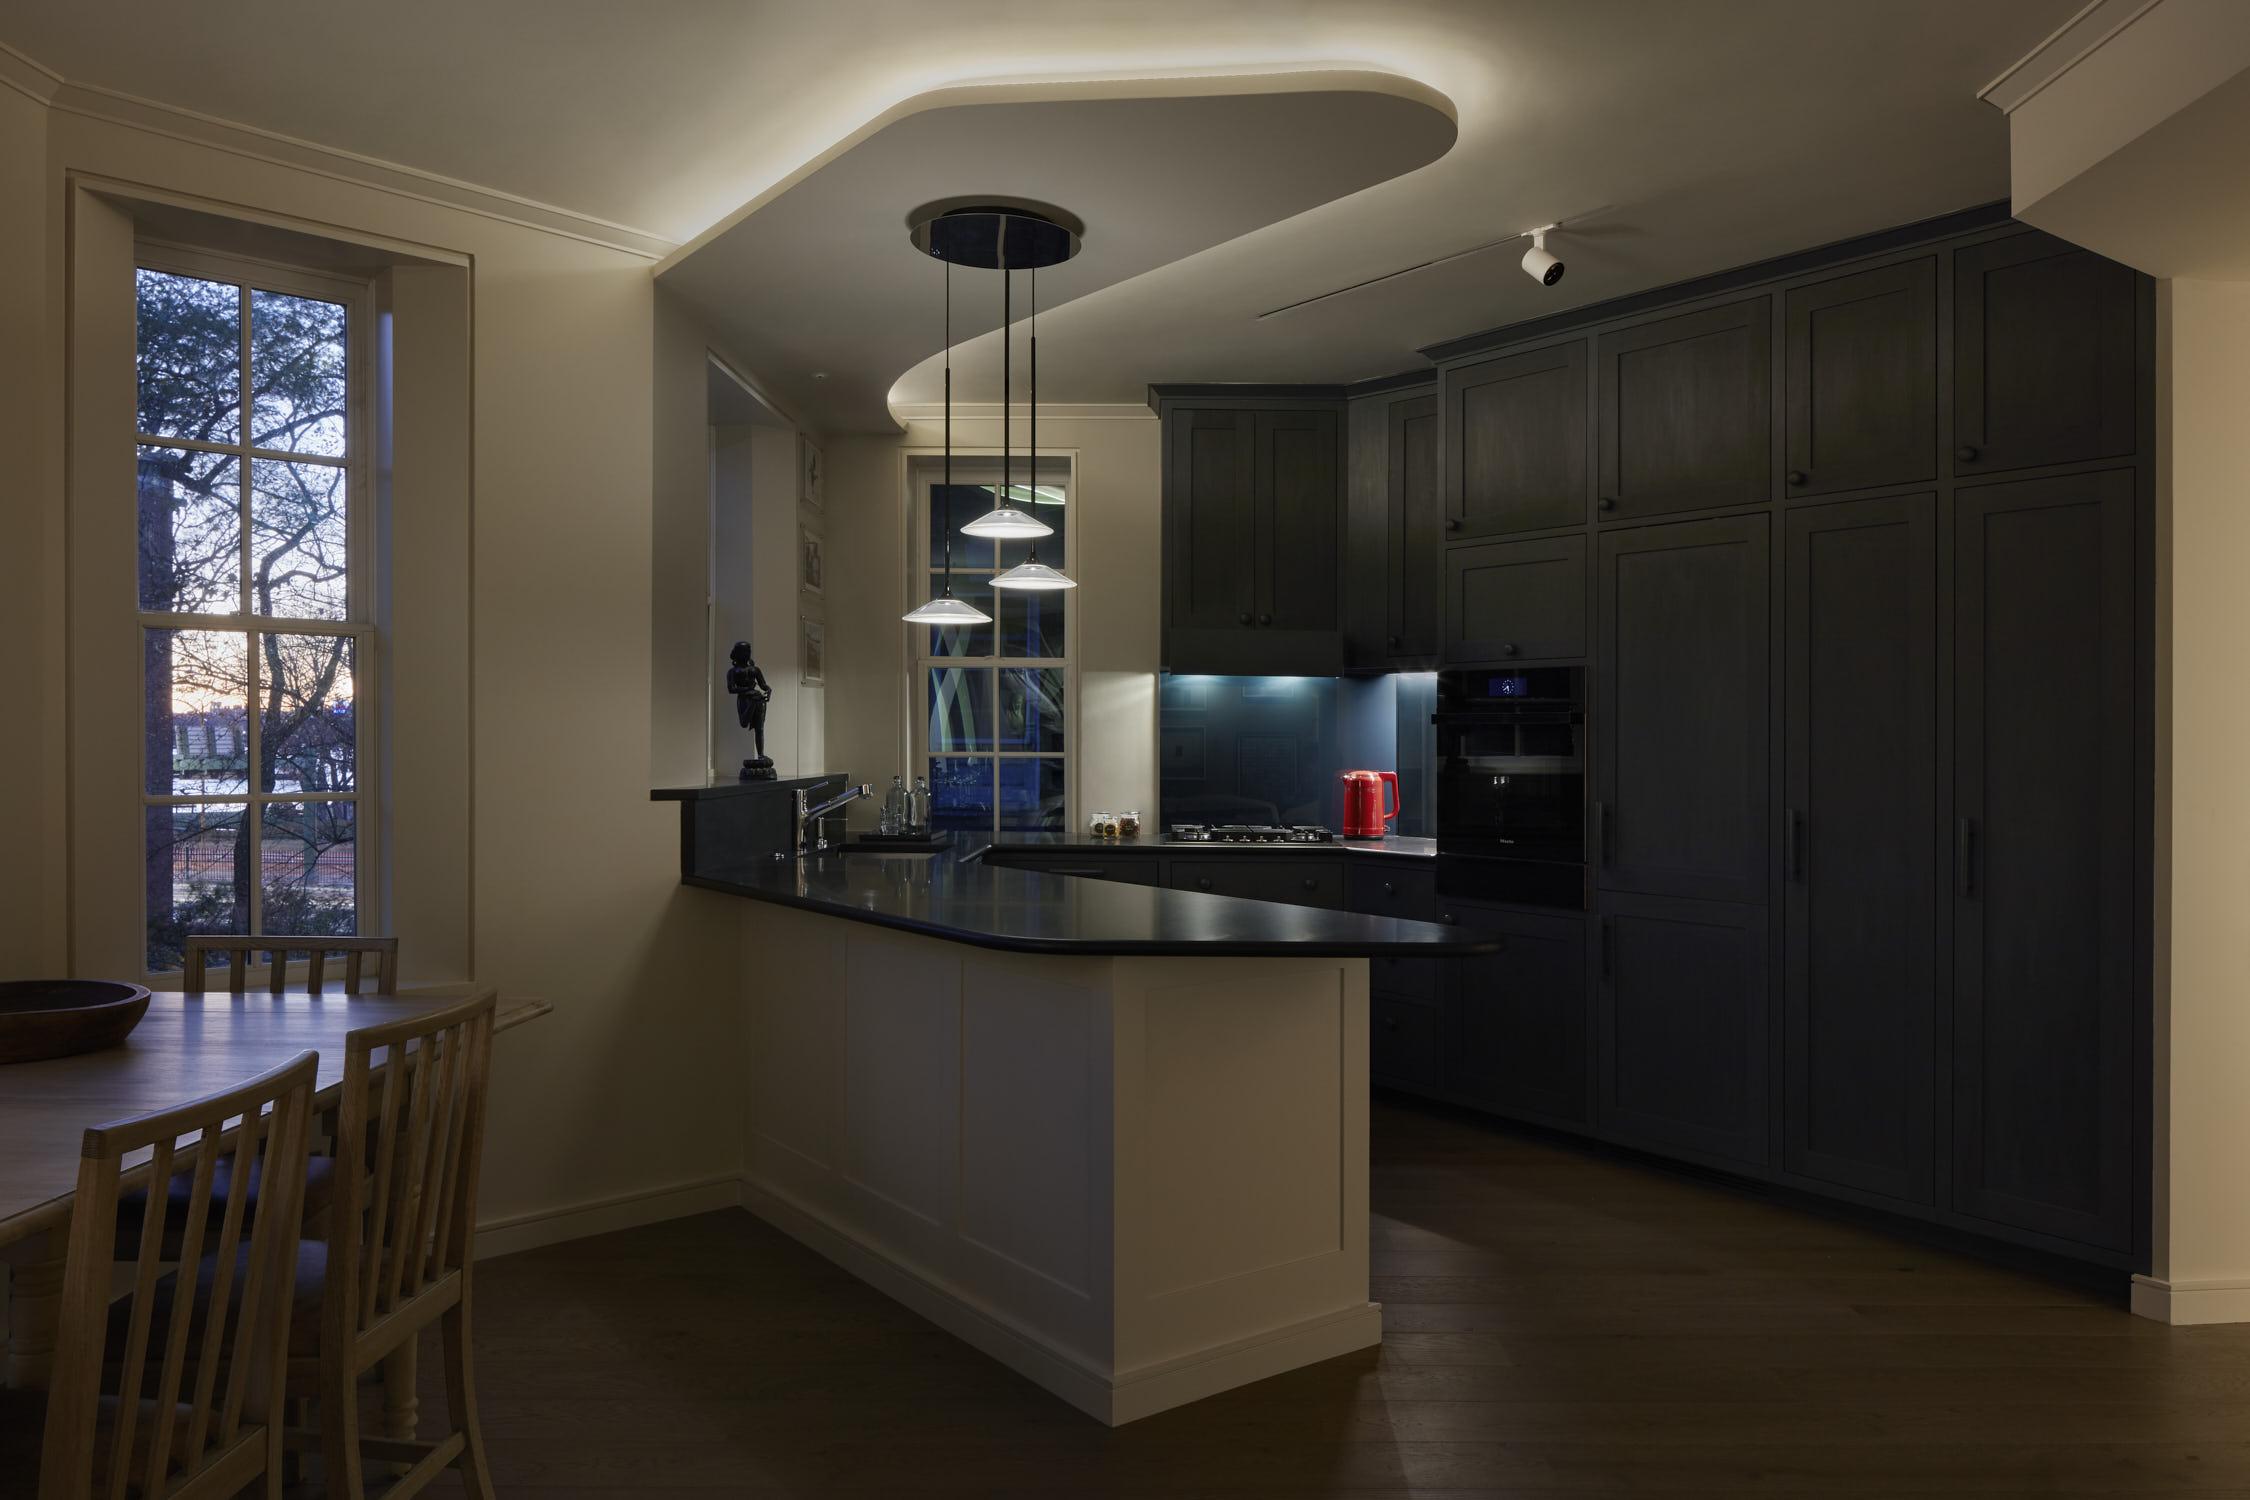 Group_Design_Build_Passive_House_Renovat